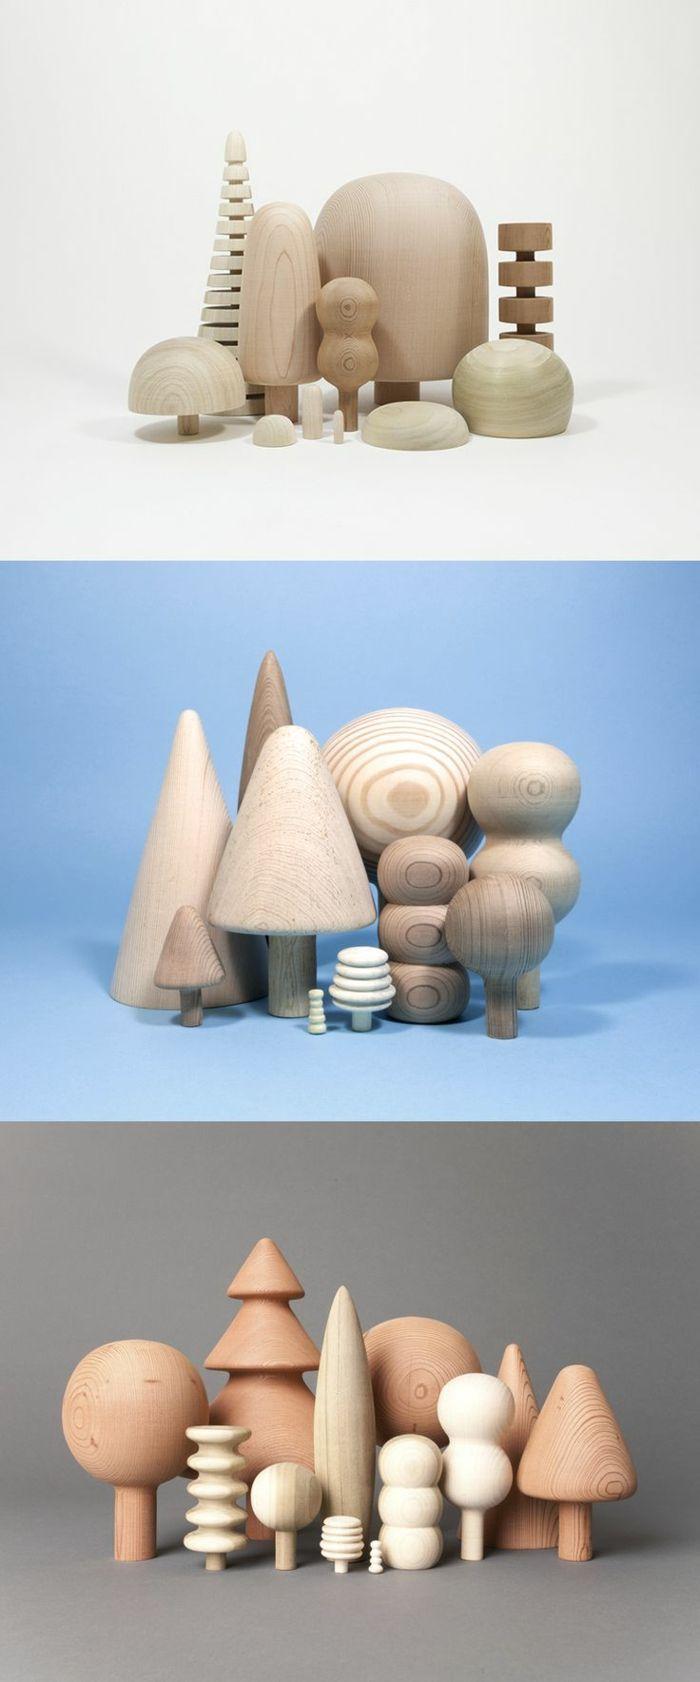 Les jouets en bois - idées créatives d'amusement                                                                                                                                                     Plus